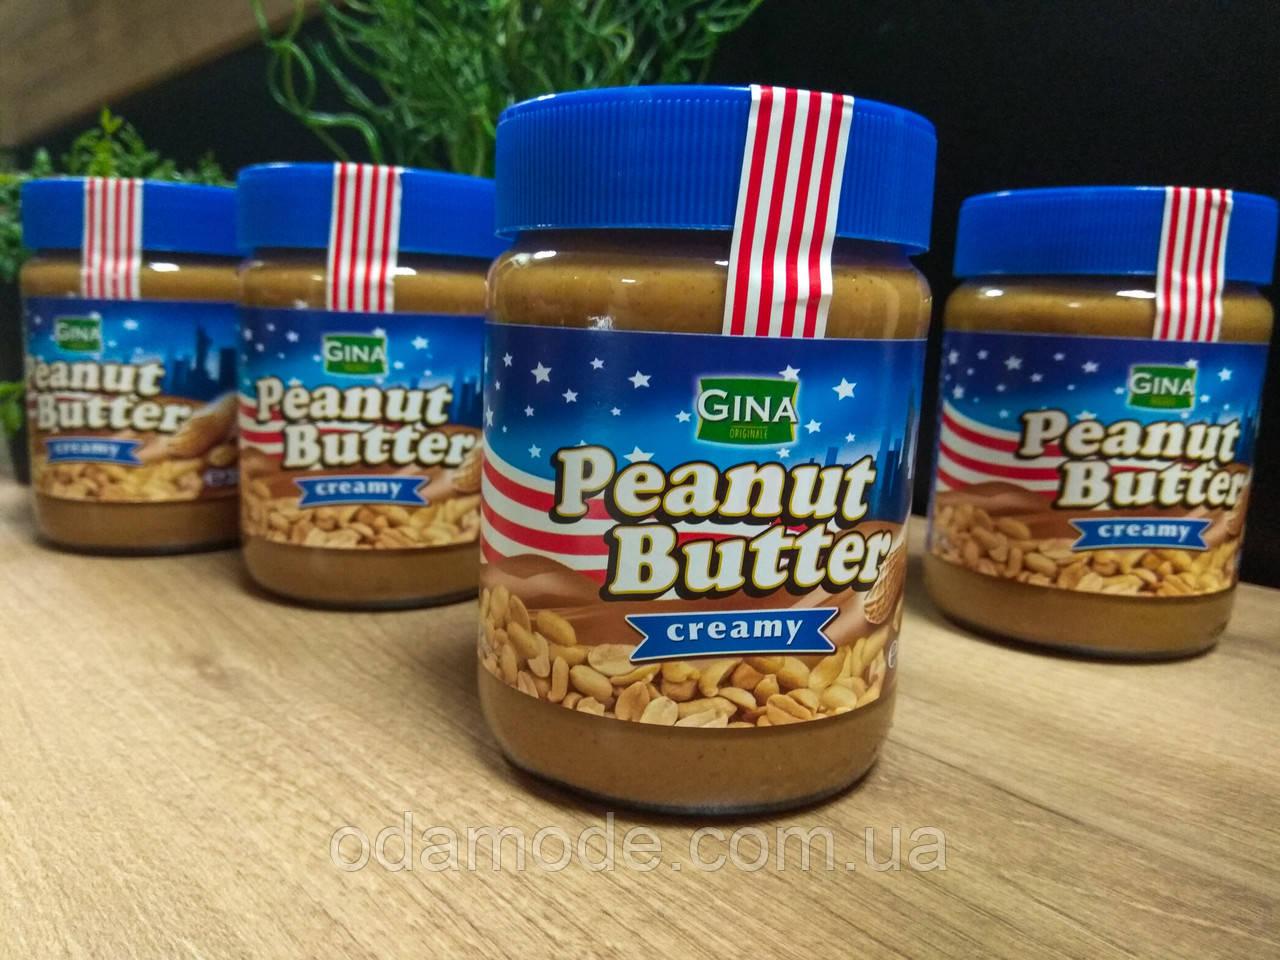 Паста арахисовая кремовая Peanut Butter creamy Gina 350 г